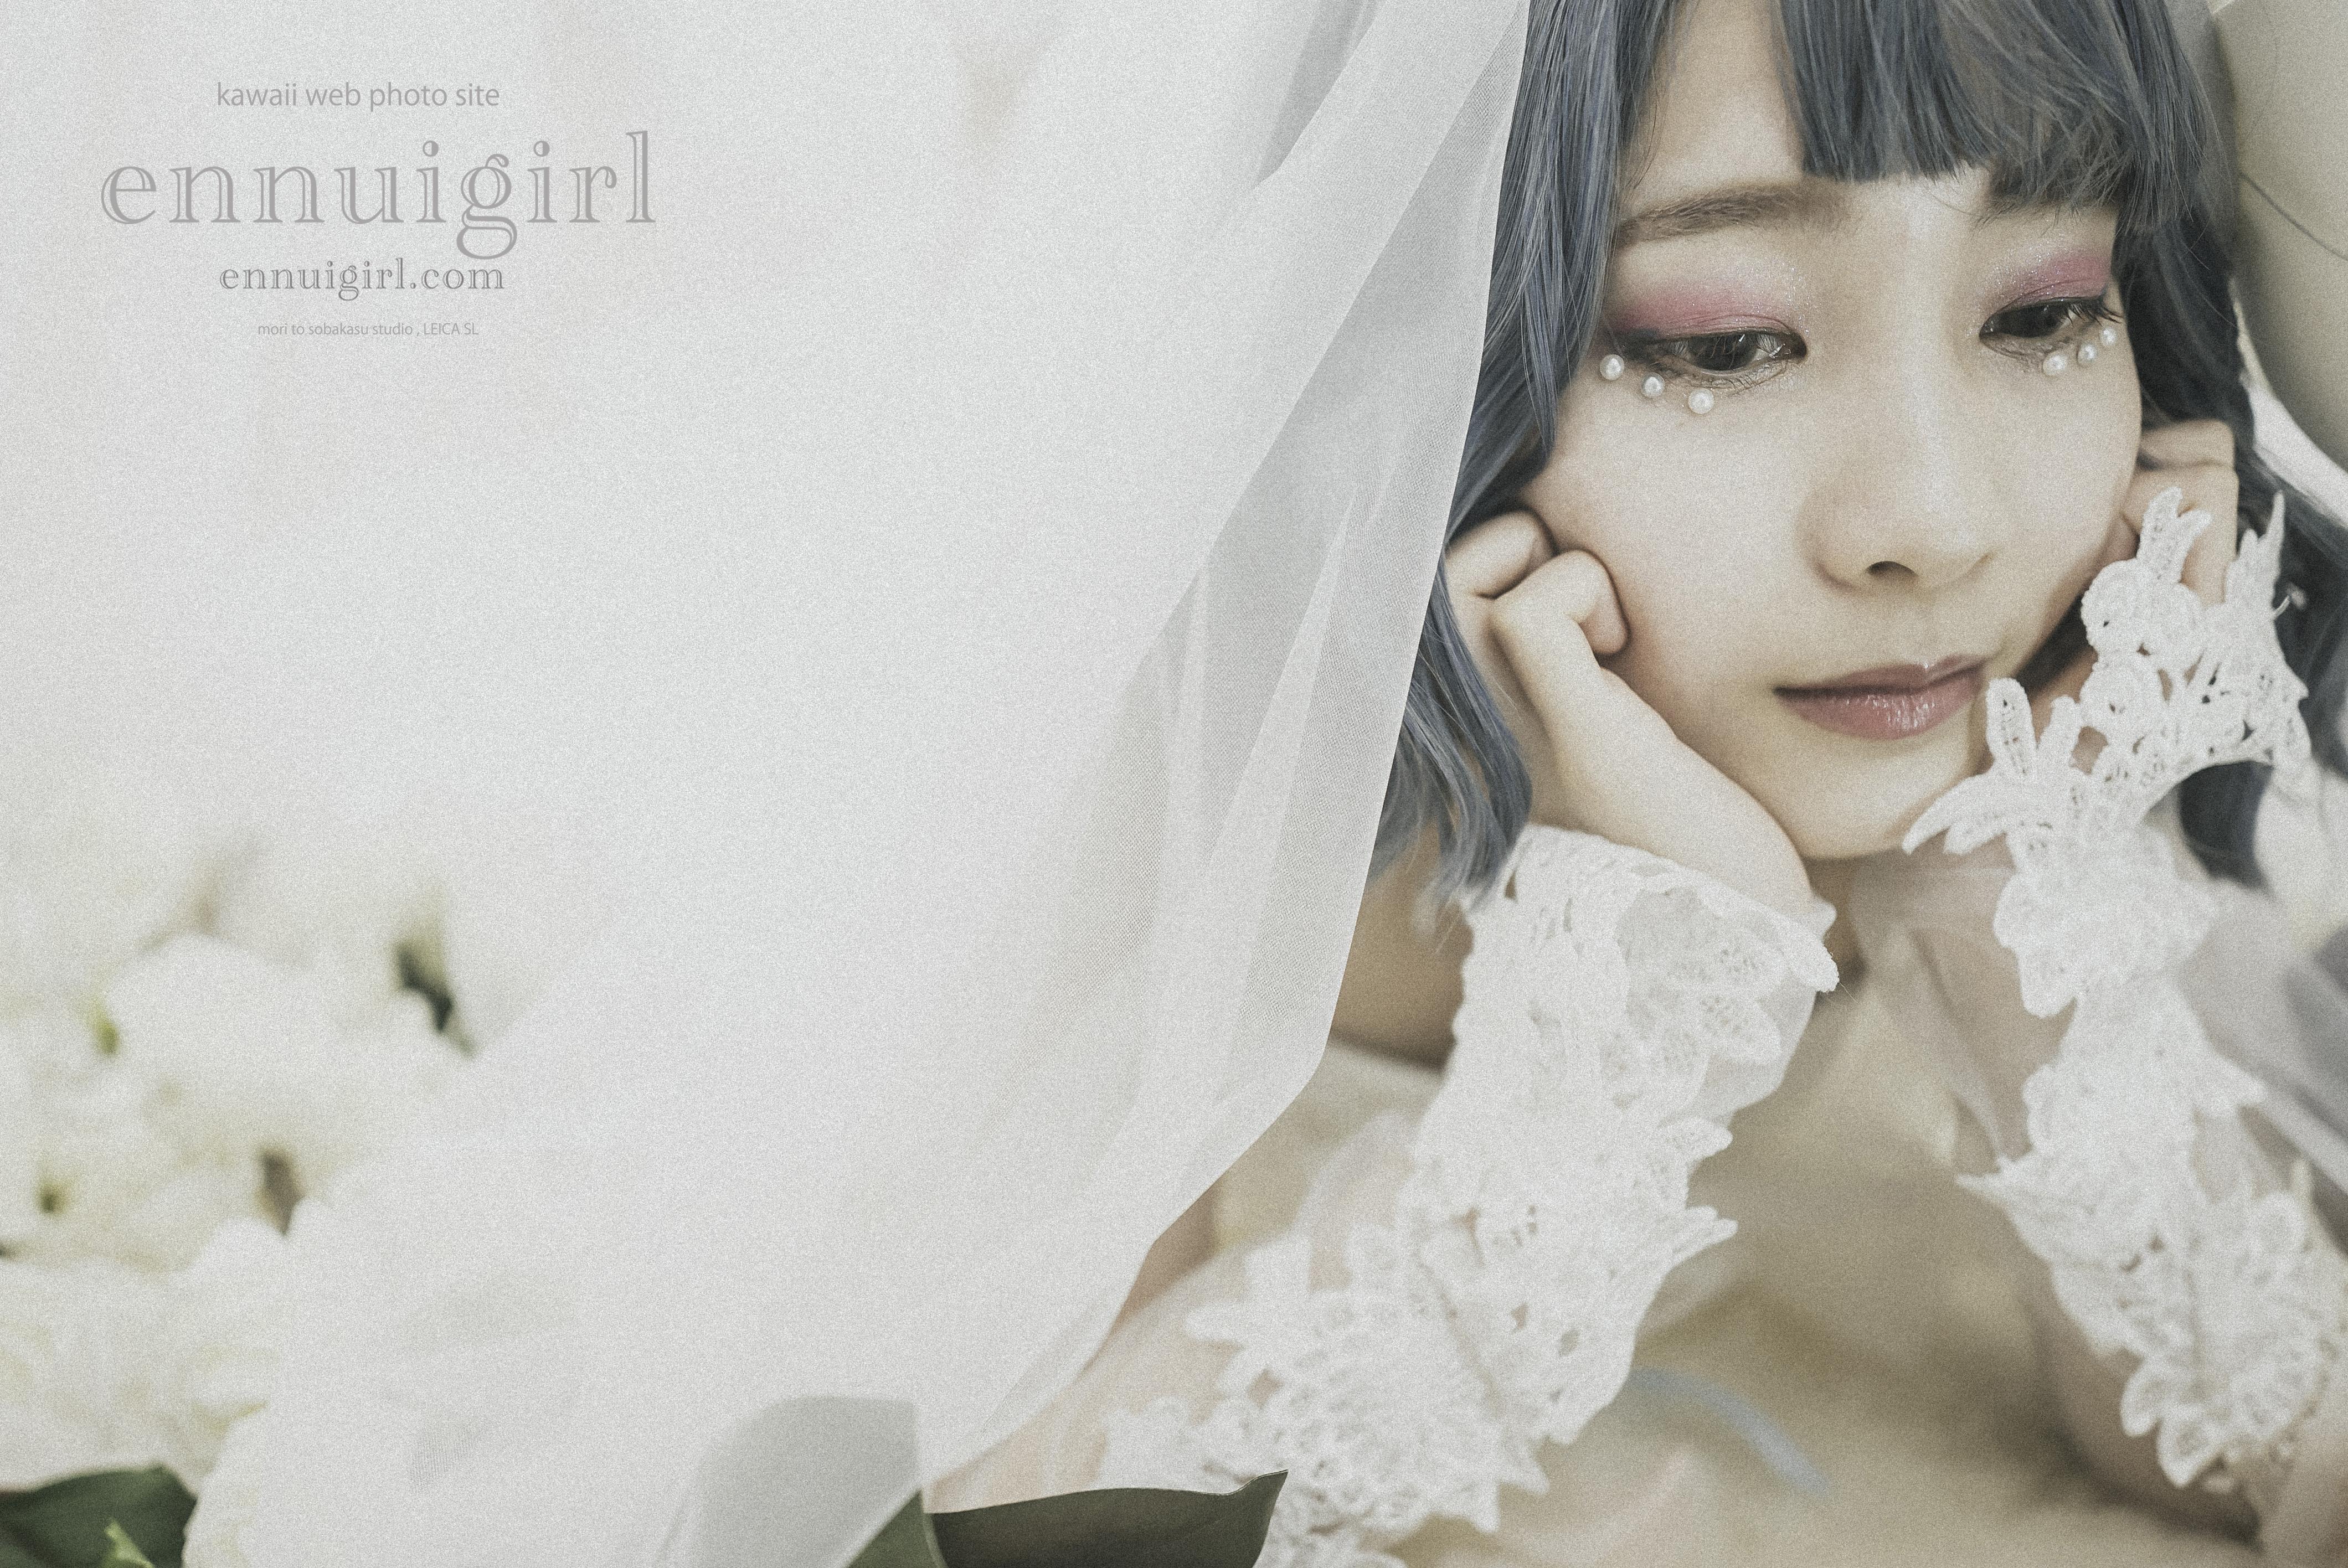 藤井葉月 white veil jelly fish~ 幸白心青 ~